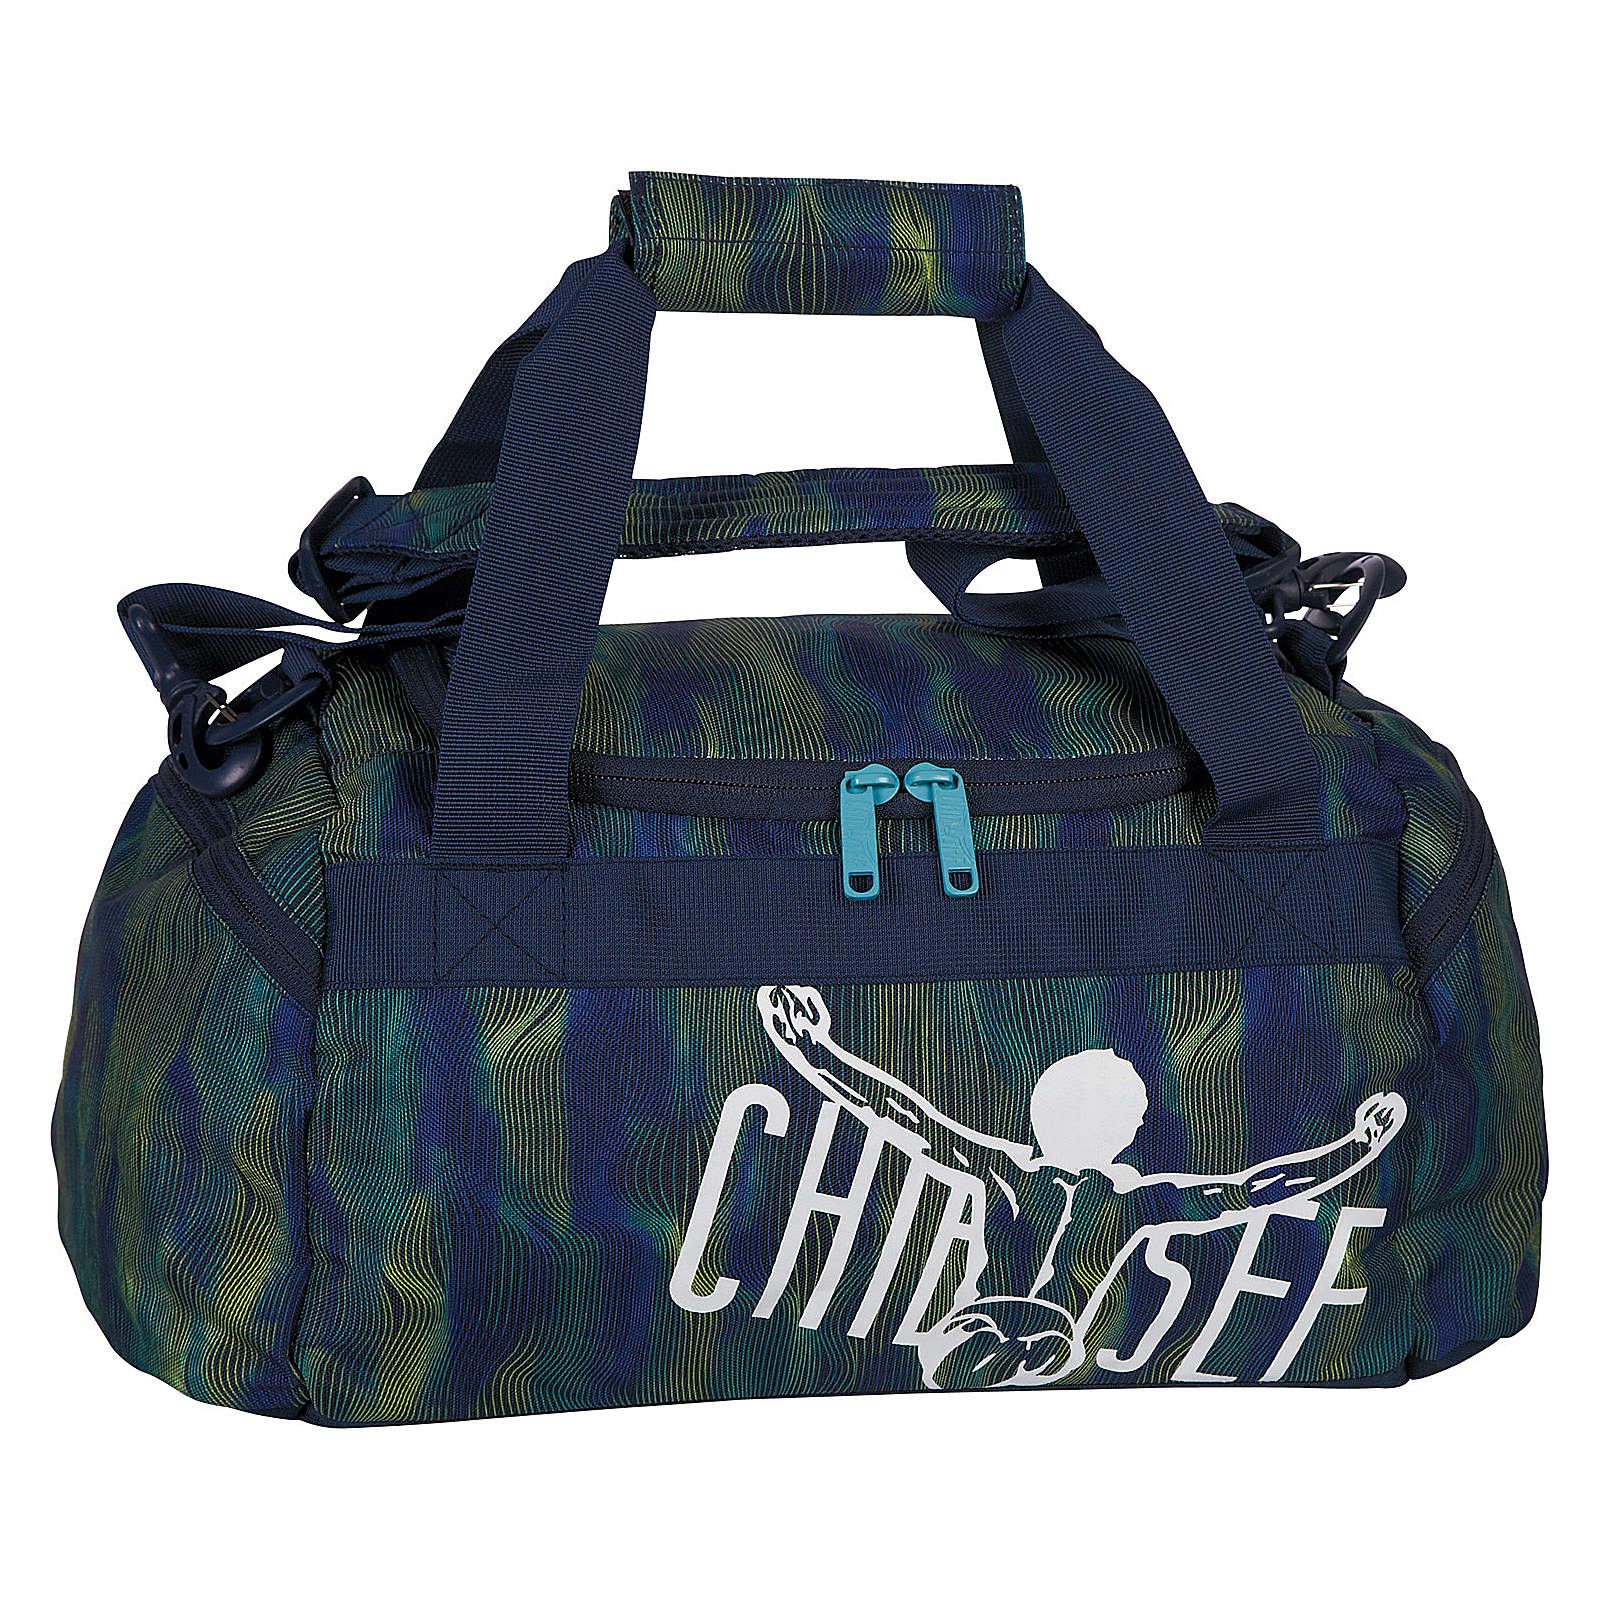 CHIEMSEE Sport - & Reisetaschen Sport Matchbag Reisetasche 45 cm grün